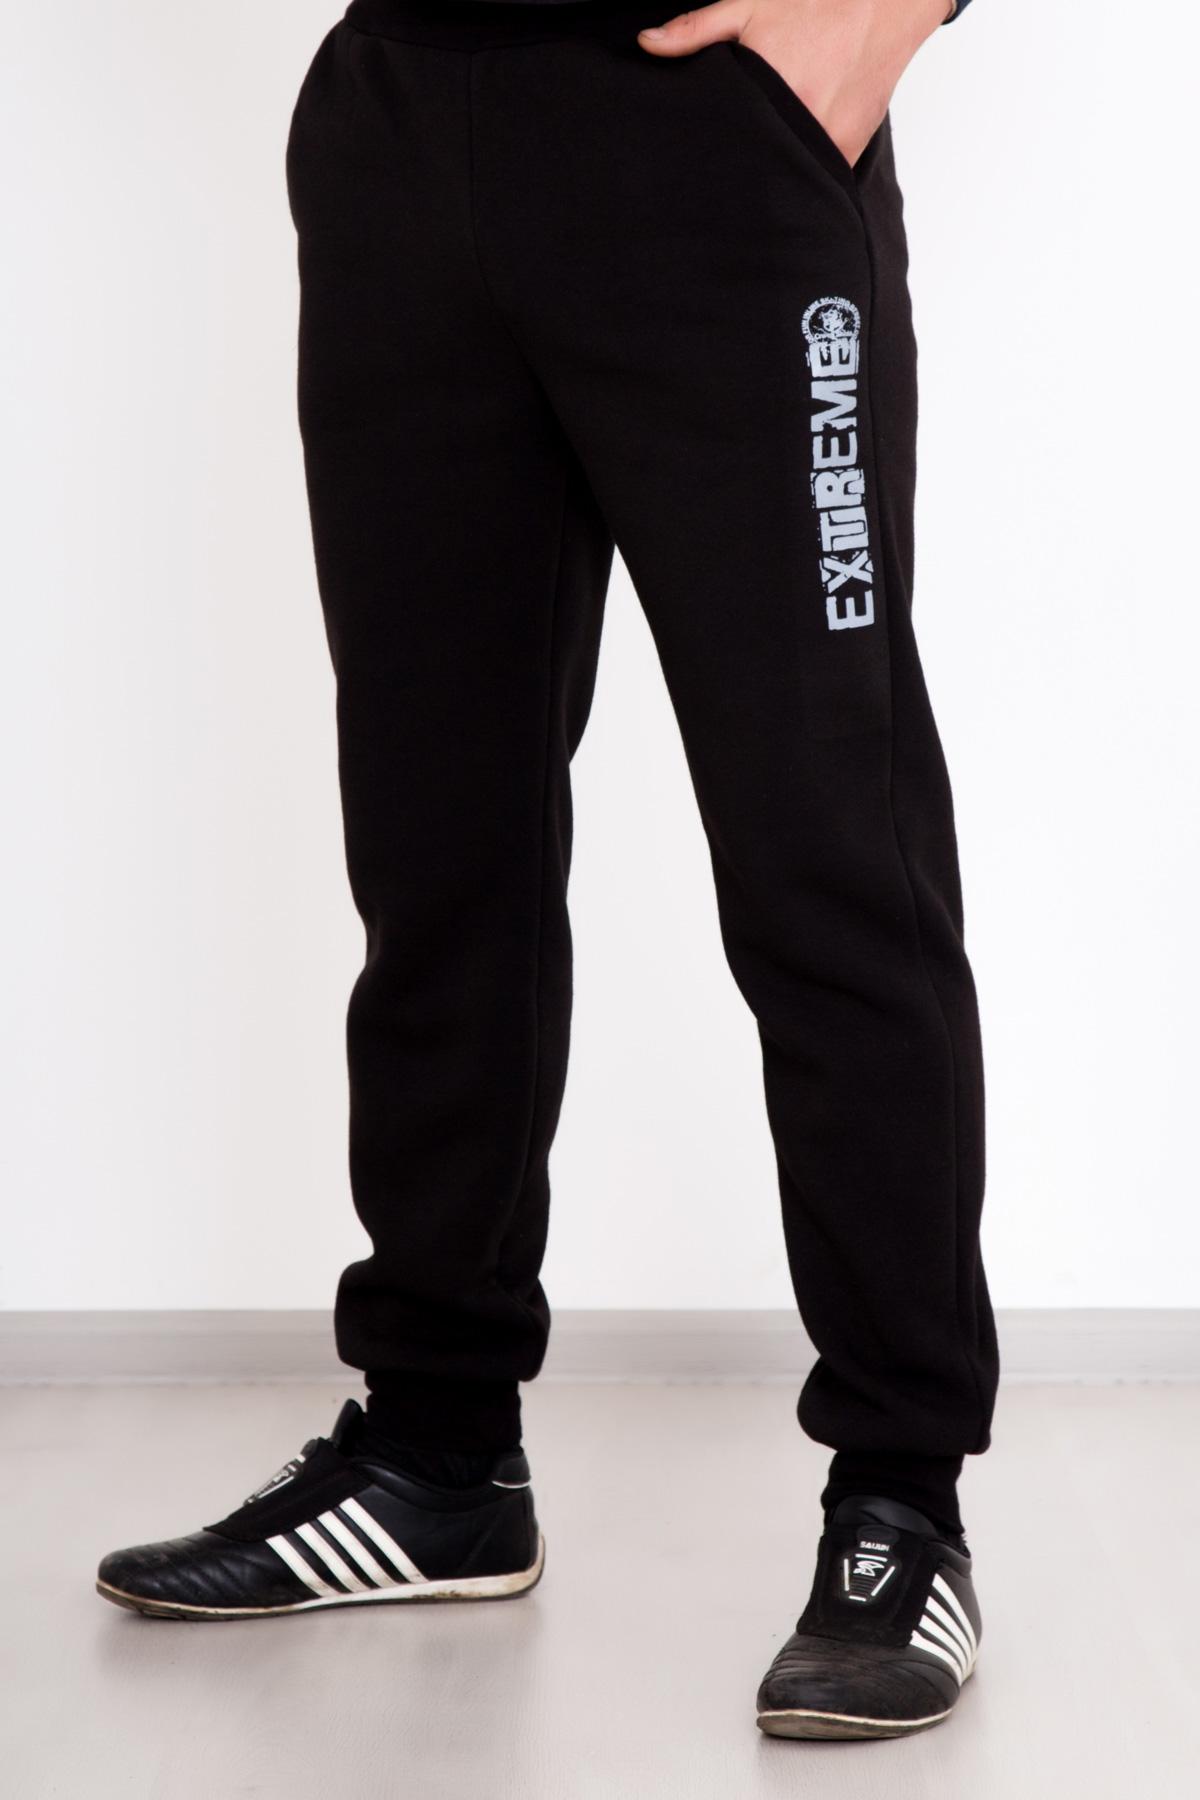 Муж. брюки  Экстрим  р. 62 - Мужская одежда артикул: 22512